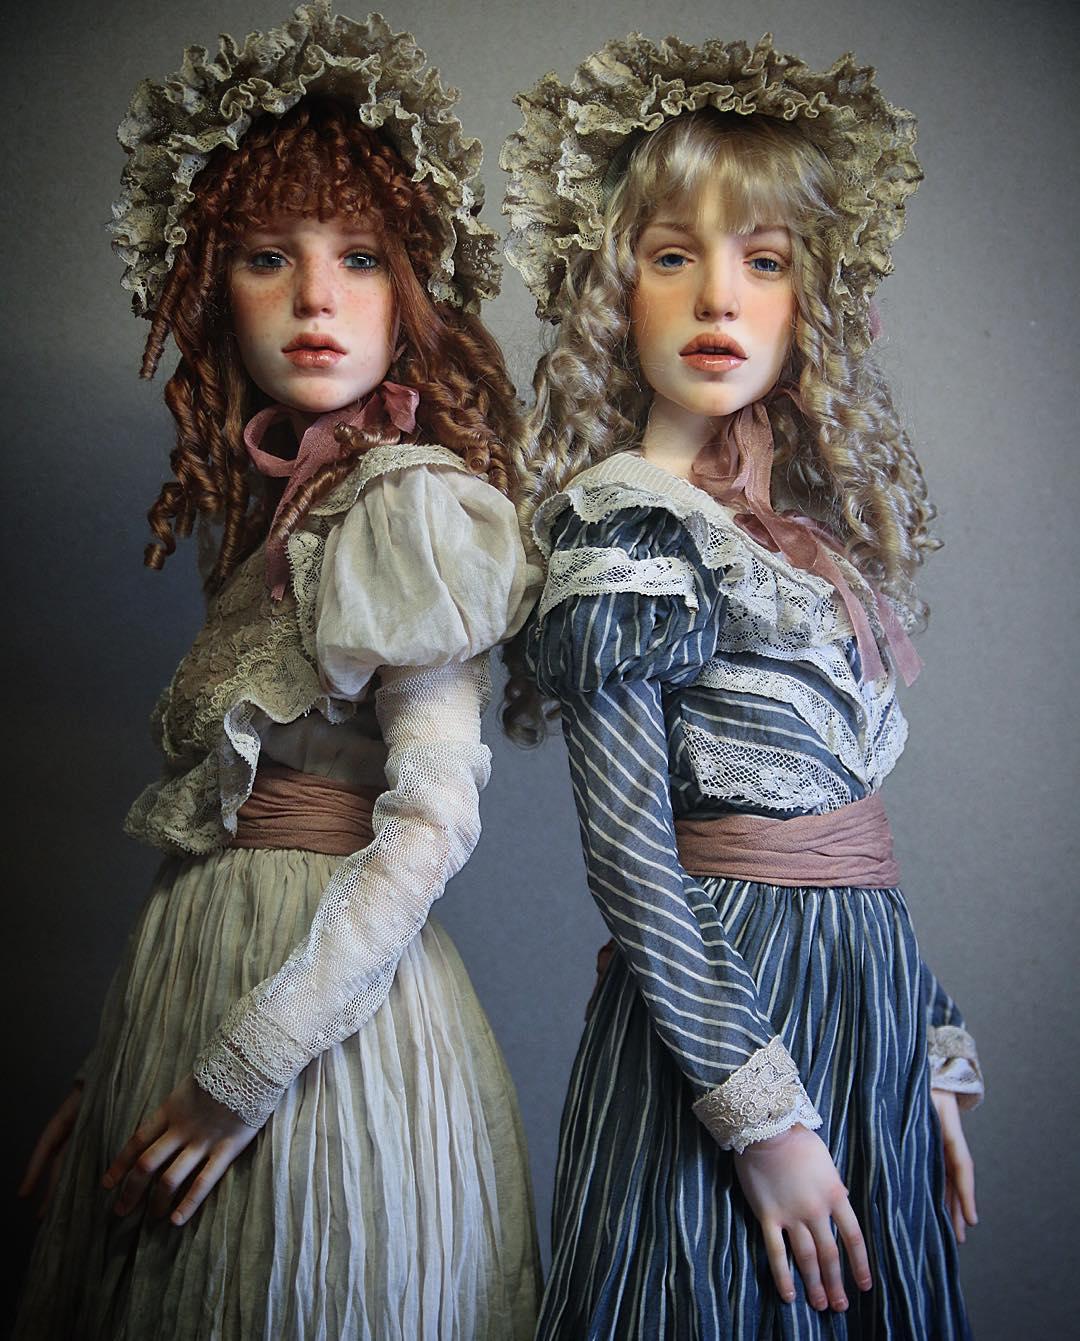 michael-zajkov-bonecas-realistas.jpg